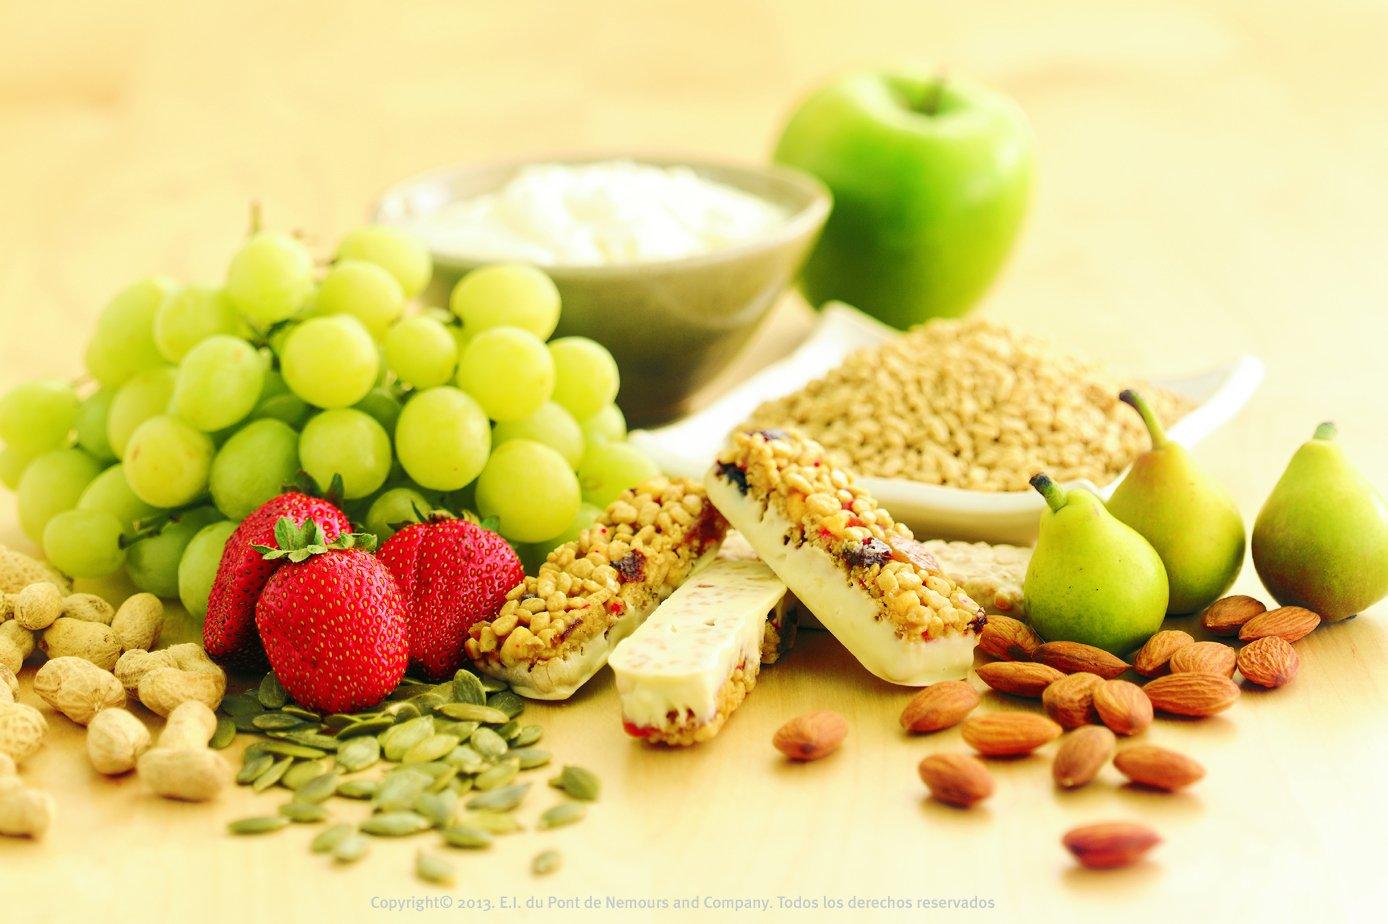 Nutricin recomendada para ayudar al cerebro  El portal